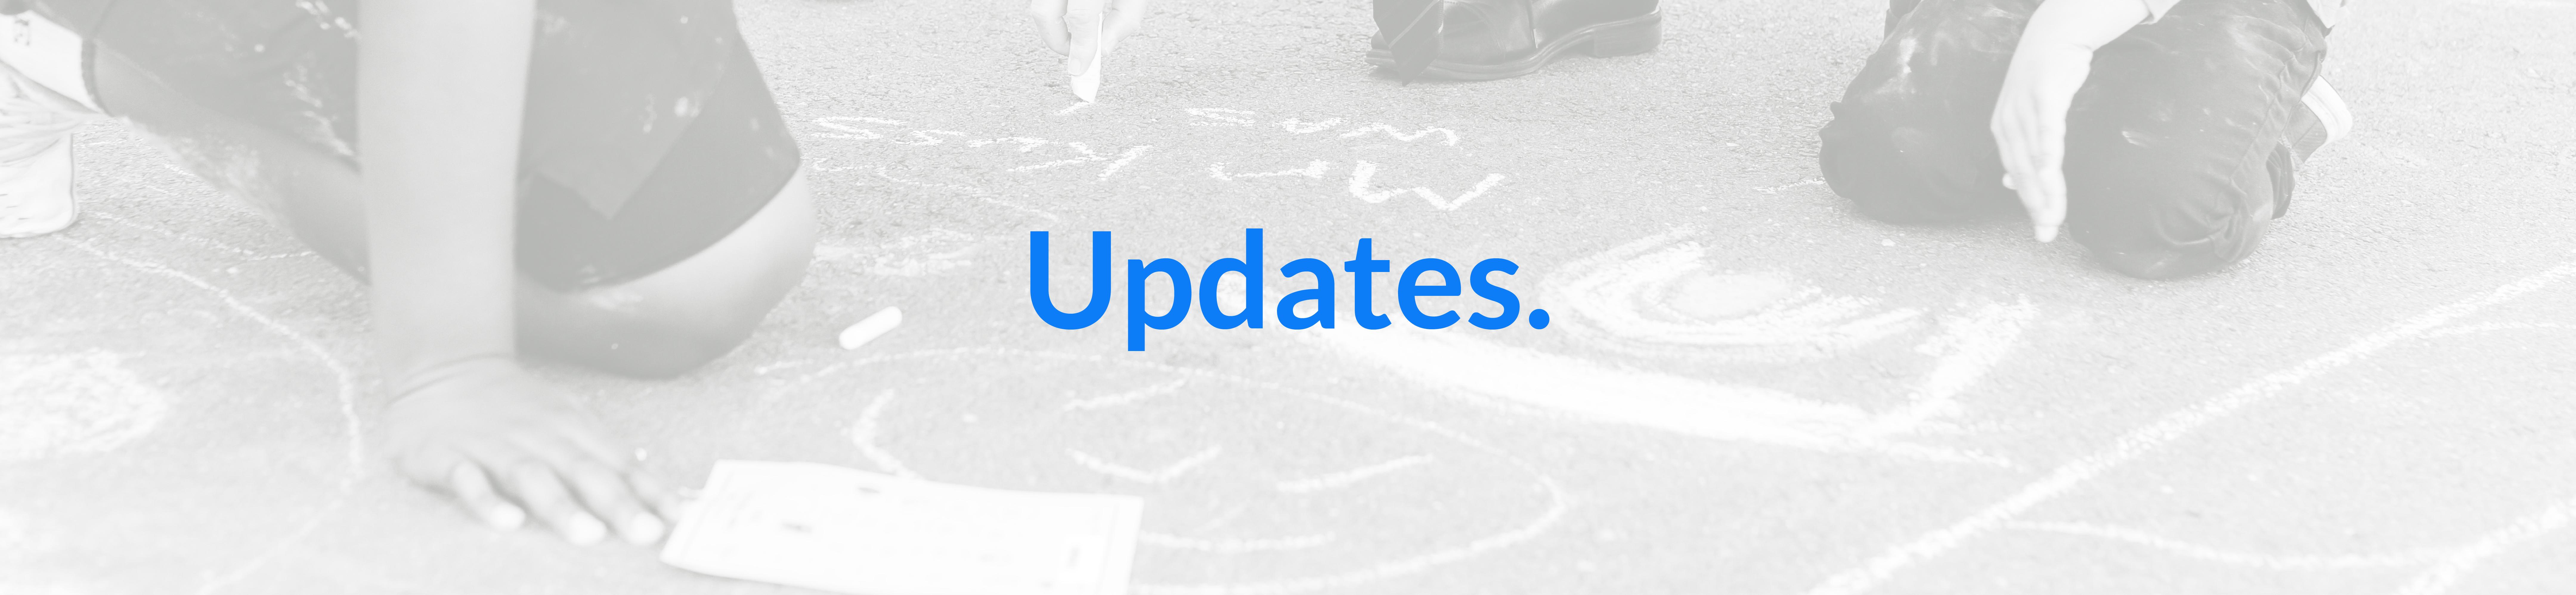 Nd Updates 01